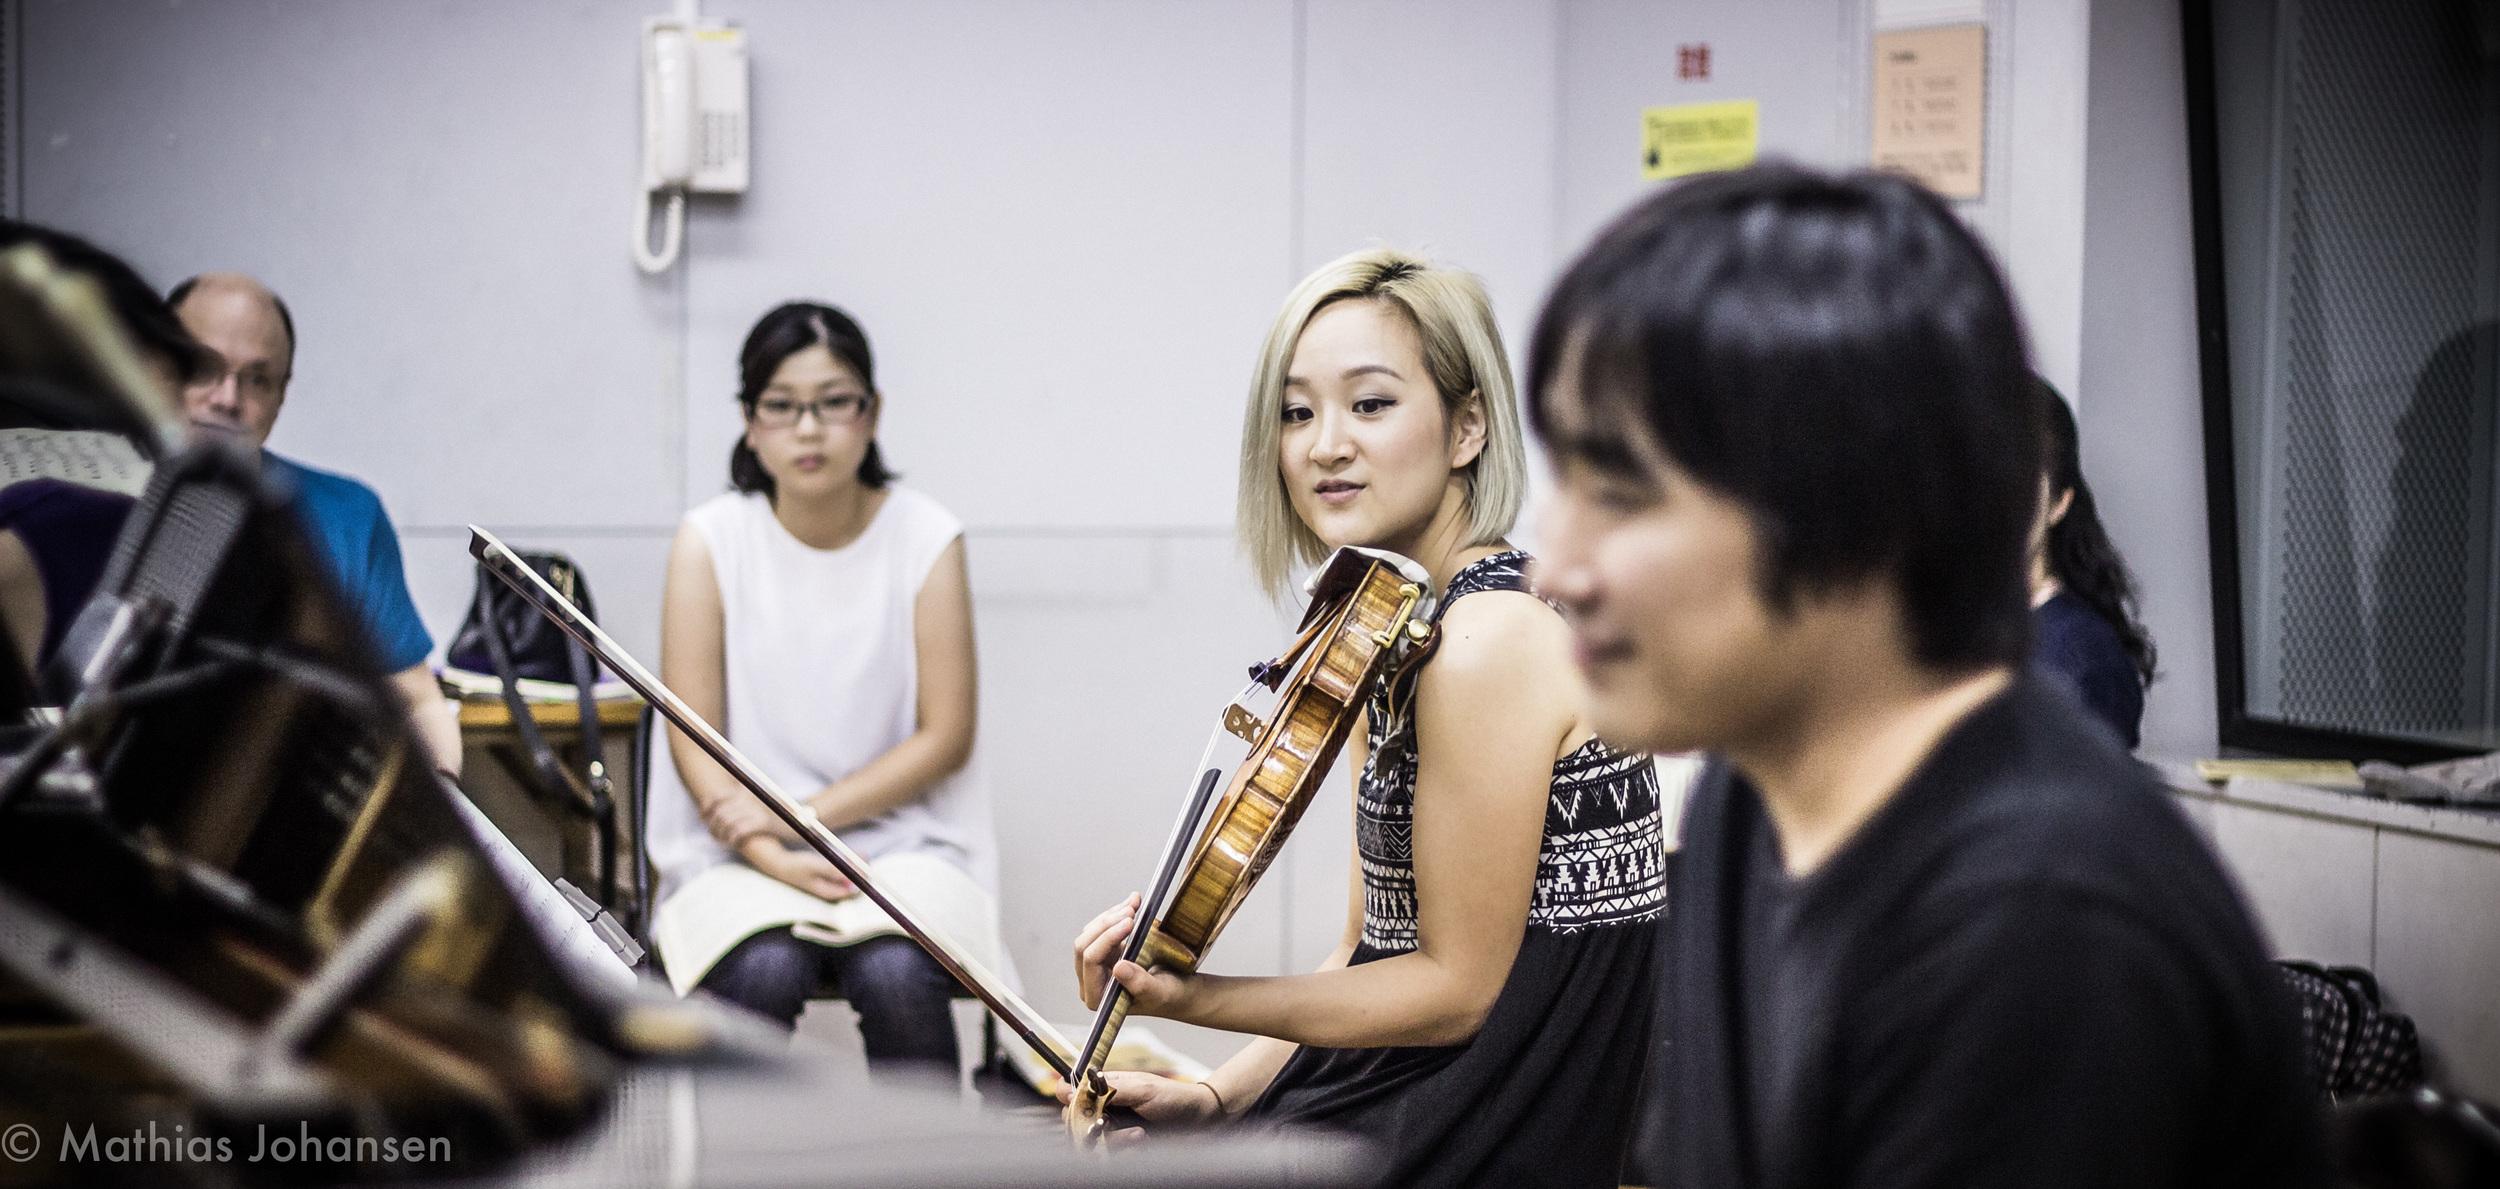 Teaching chamber music